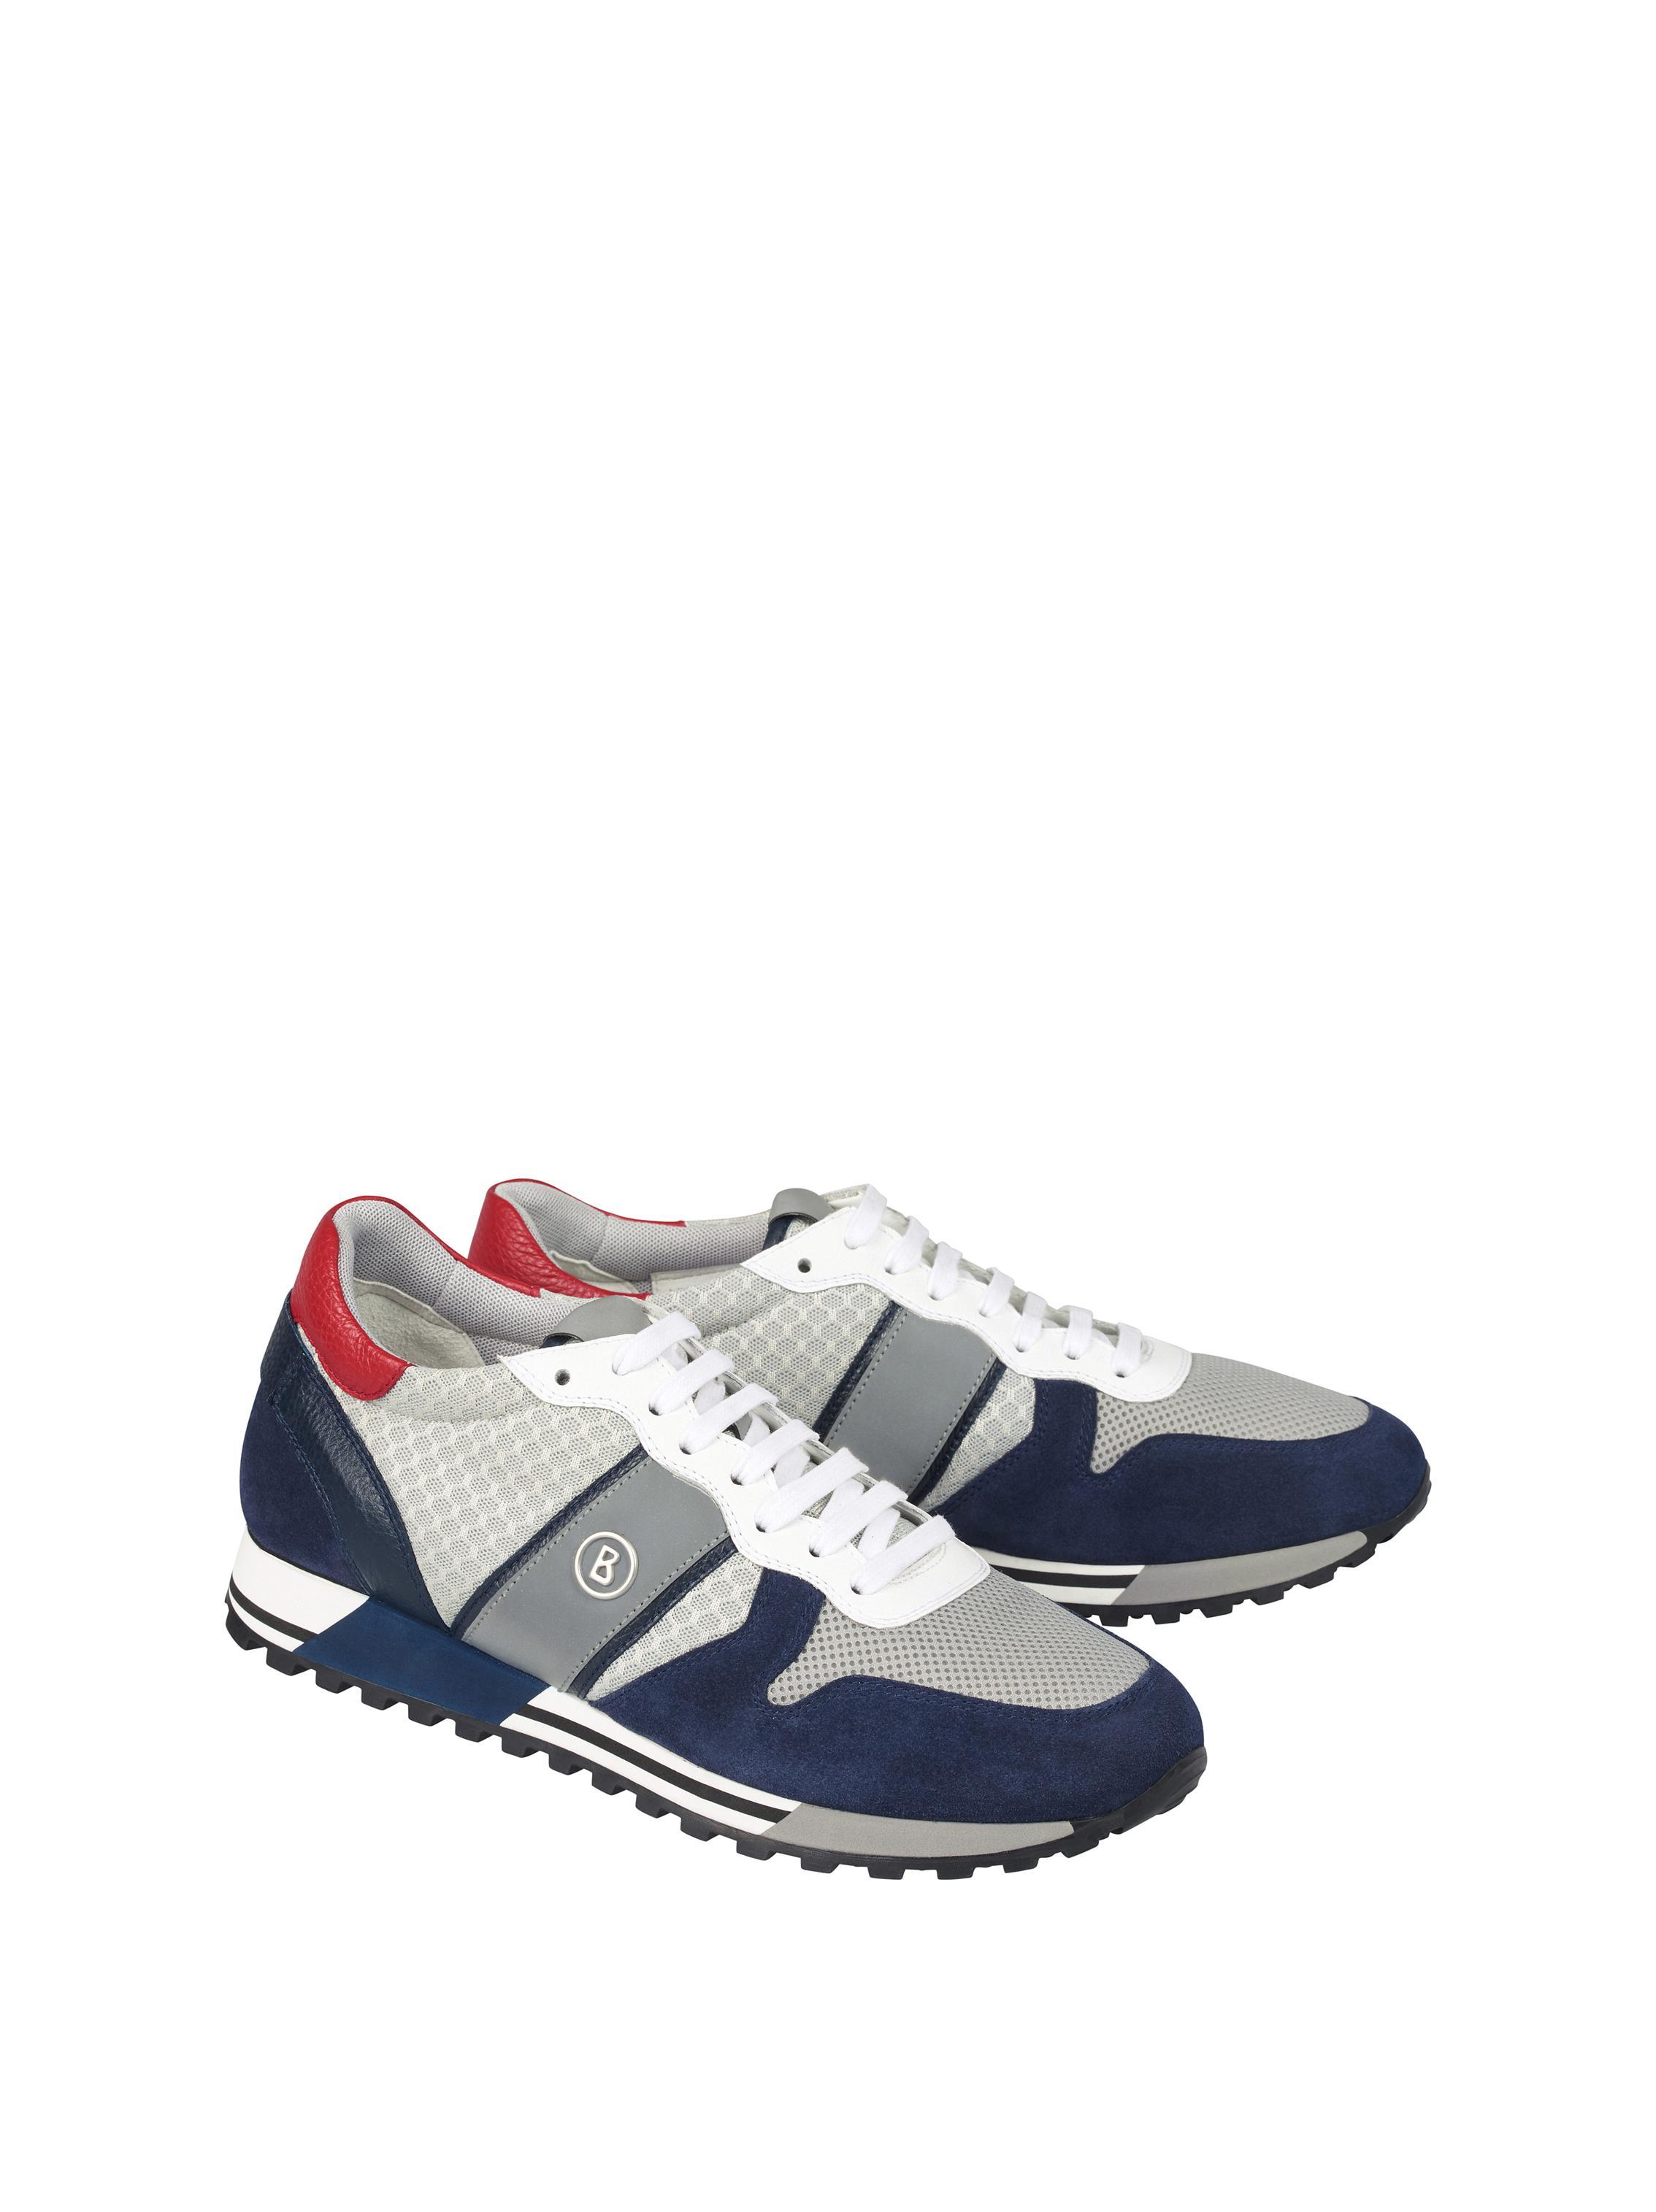 überlegene Materialien Modestil klassisch Sneaker Livigno 1d